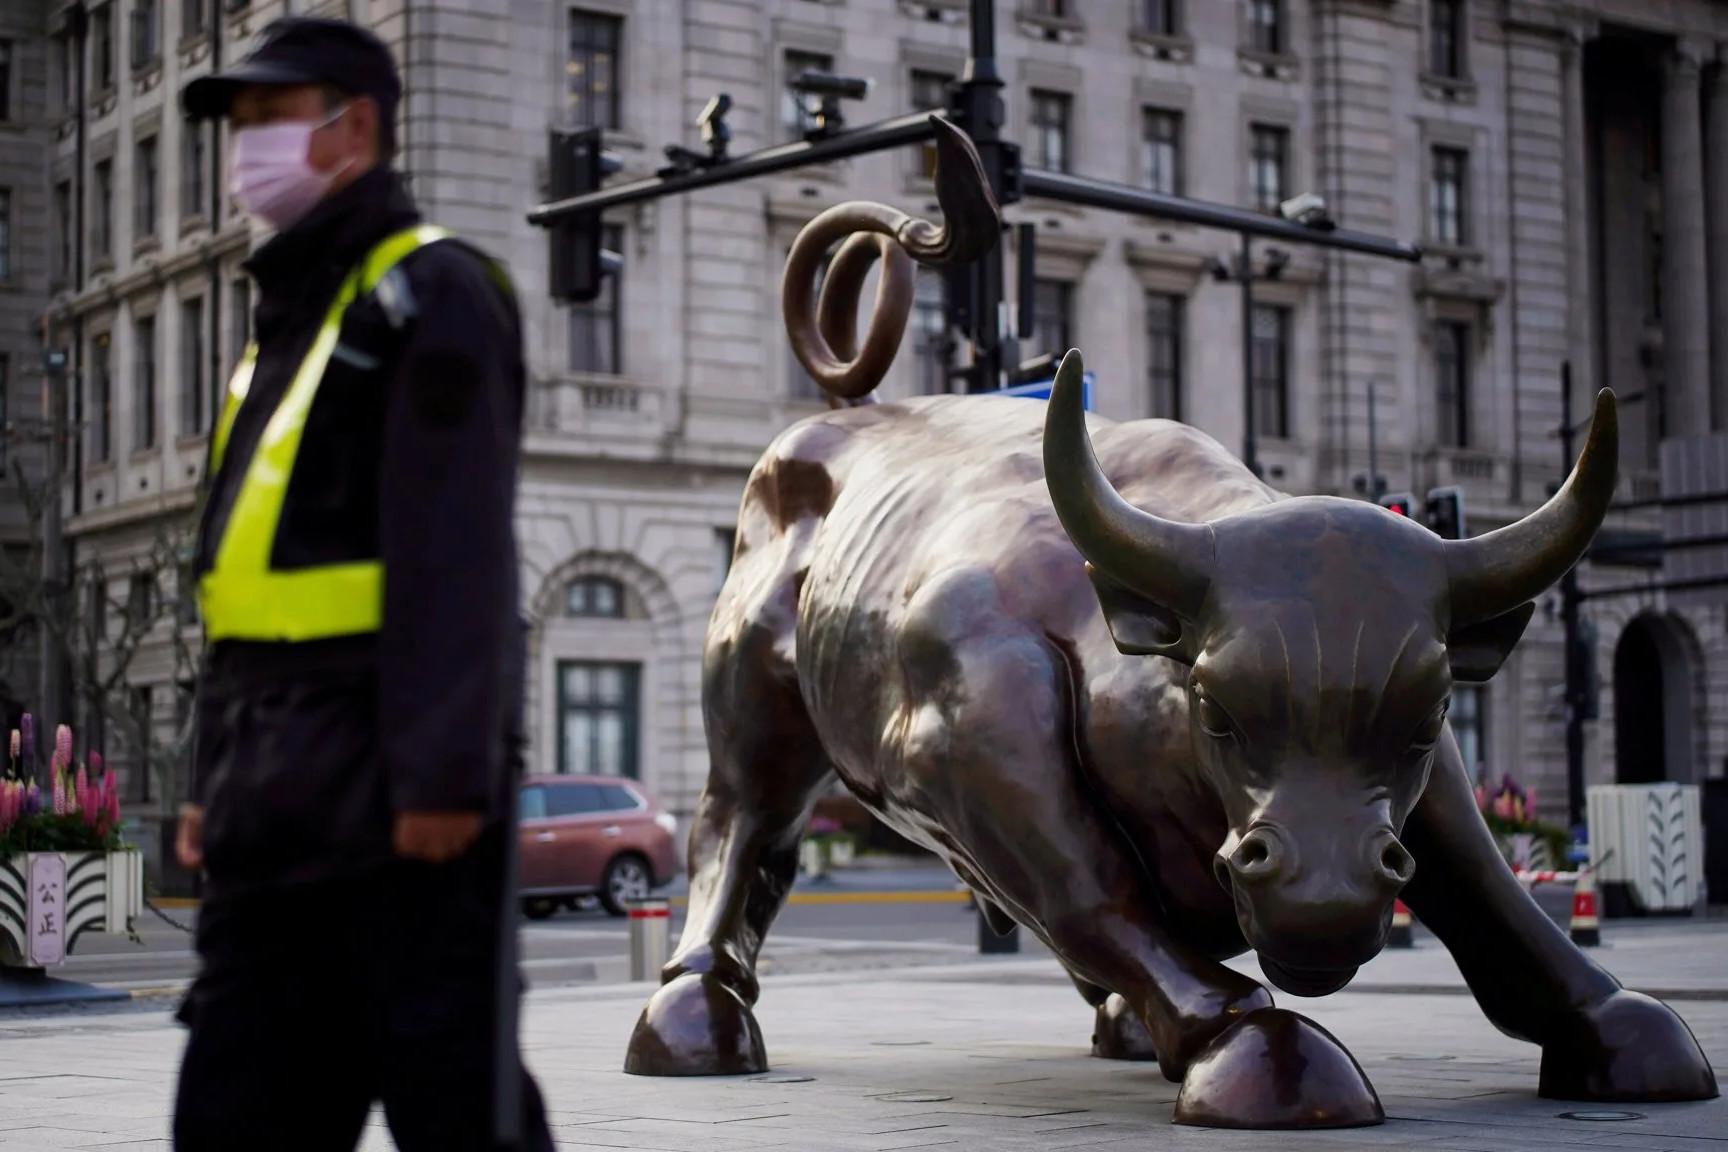 Čovek za zaštitnom maskom prolazi pored skulpture bika na Volstritu (Foto: ft.com)